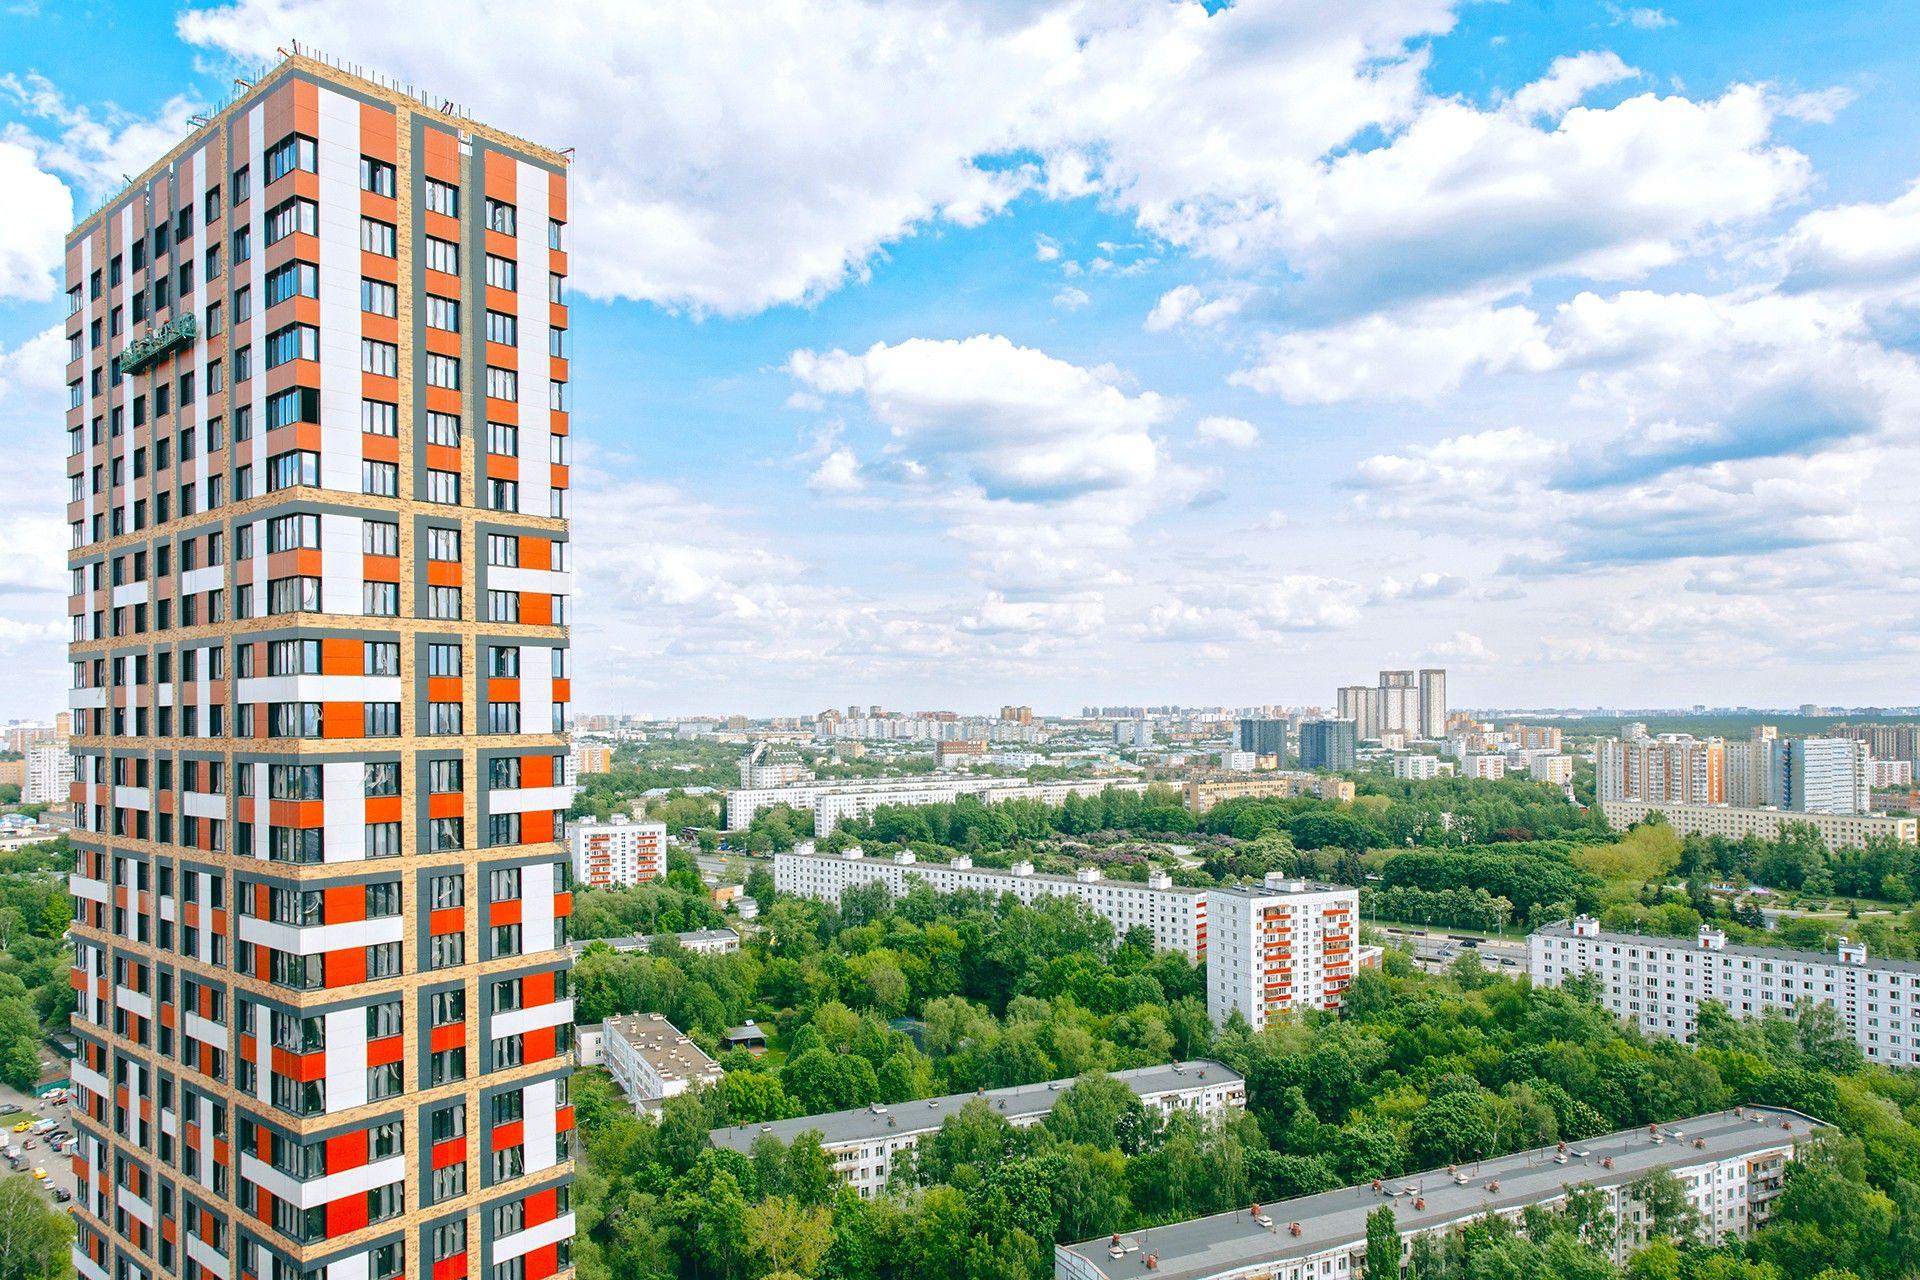 купить квартиру в ЖК Level Амурская (Левел Амурская)